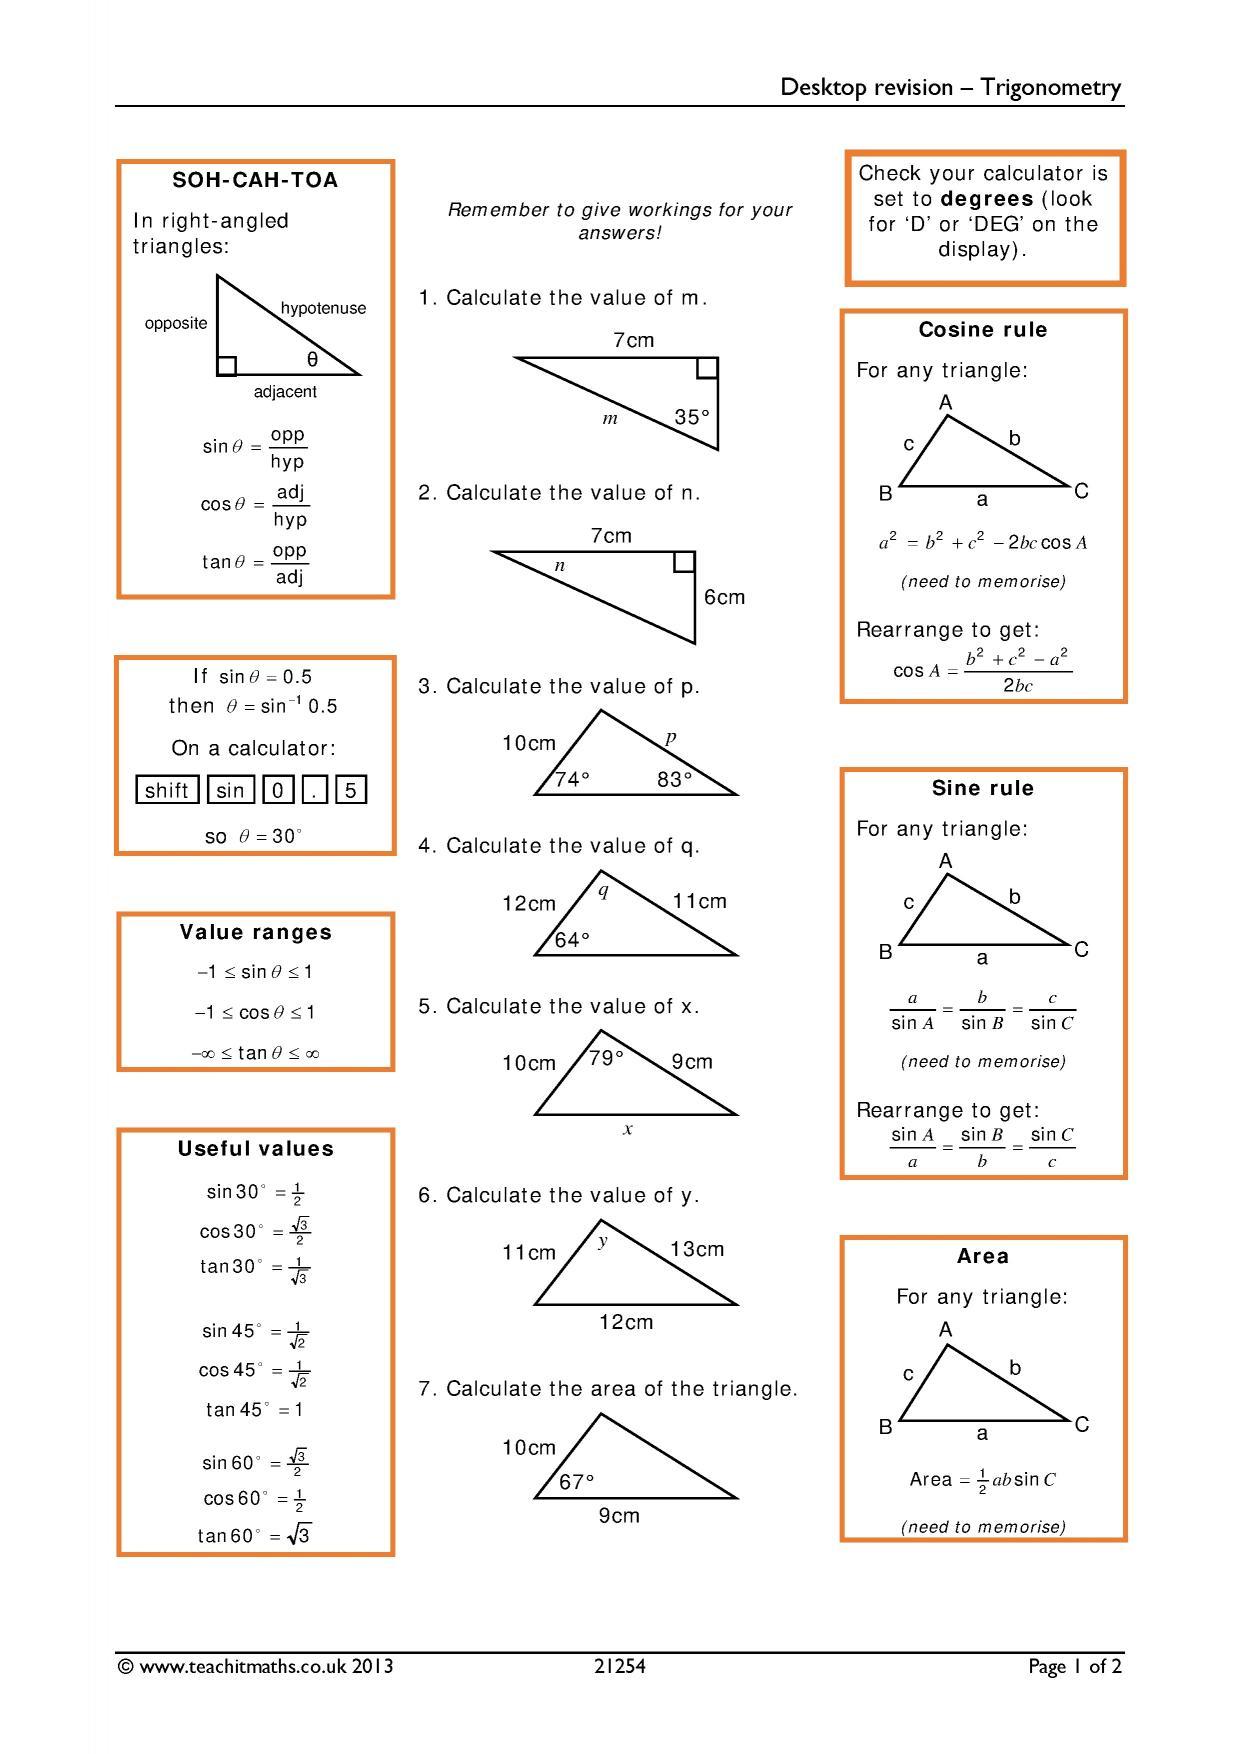 Maths revision teaching resources - Teachit Maths